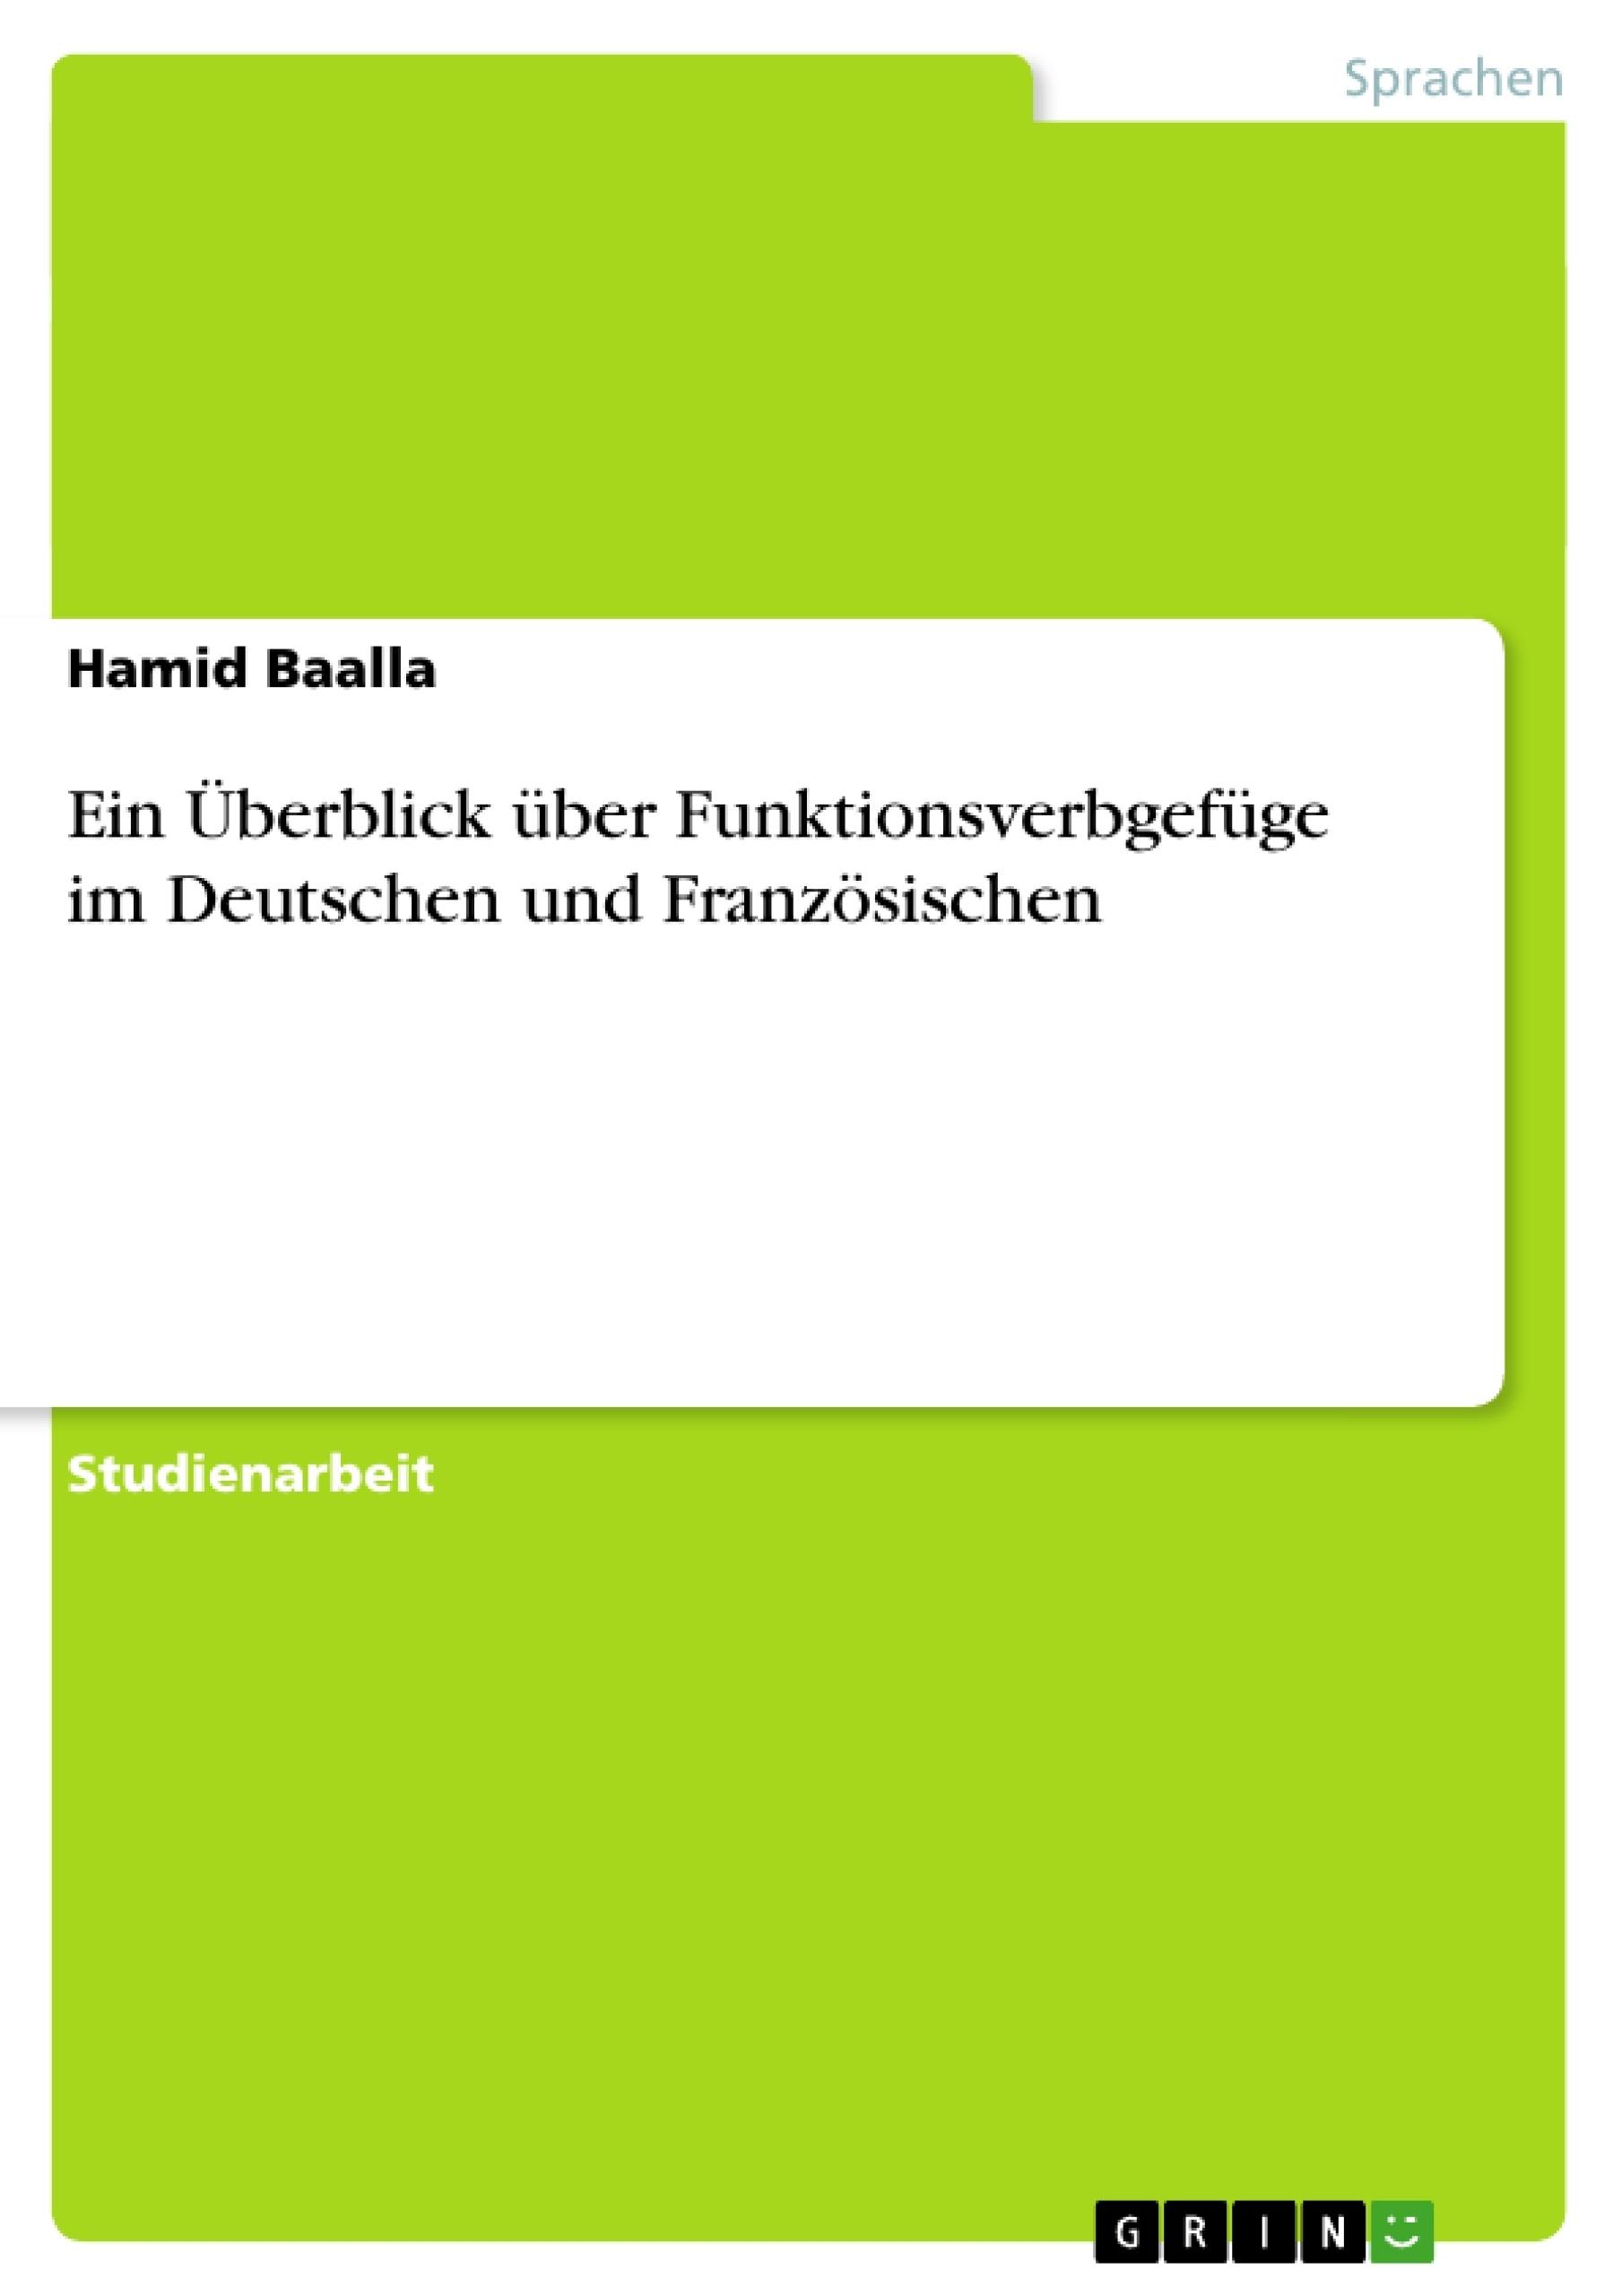 Titel: Ein Überblick über Funktionsverbgefüge im Deutschen und Französischen